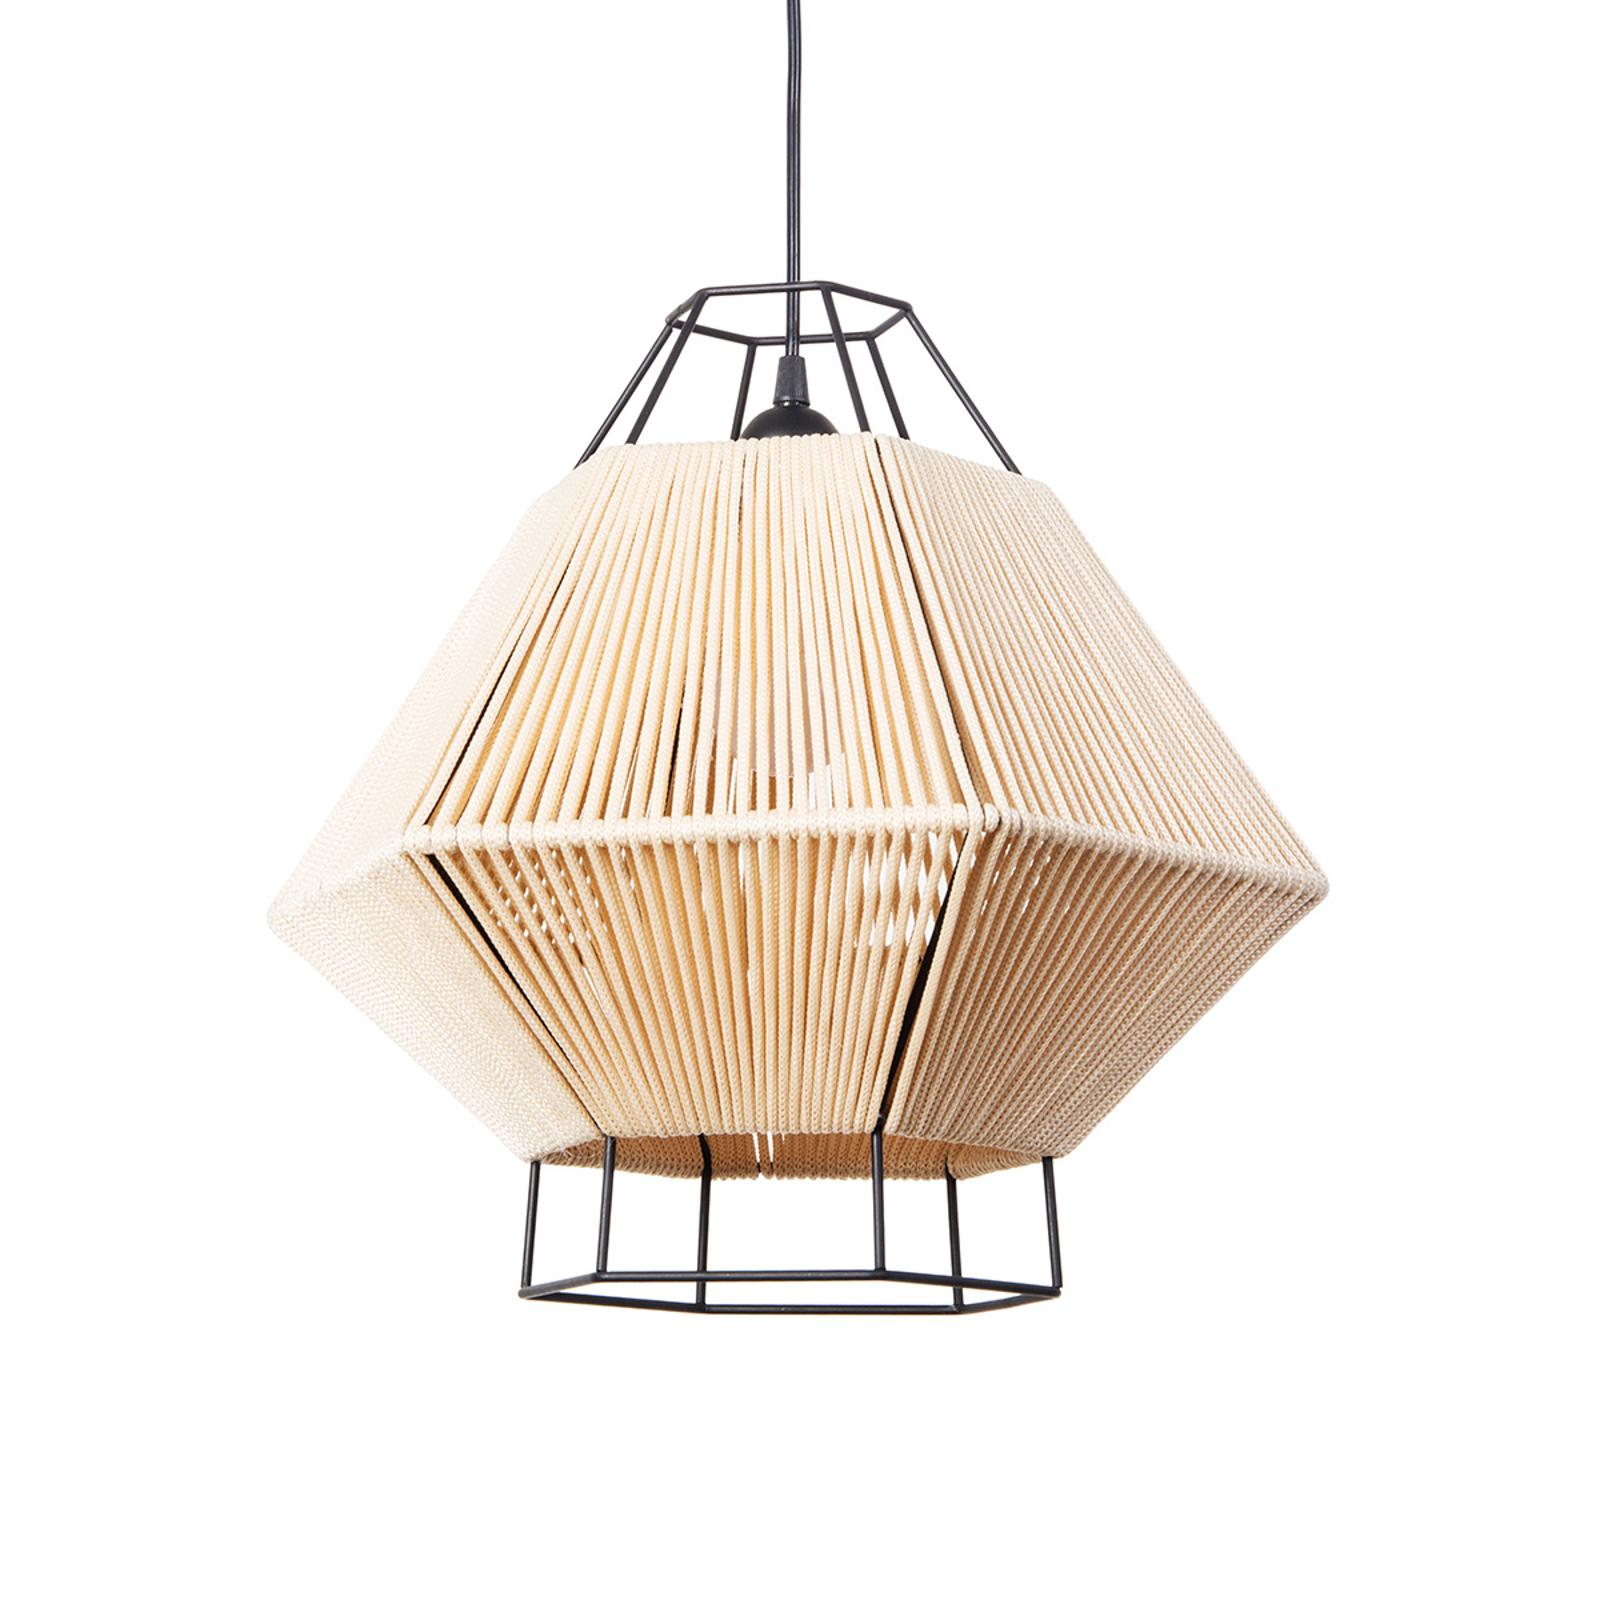 Lampa wisząca Legato ze sznurkiem, beżowa